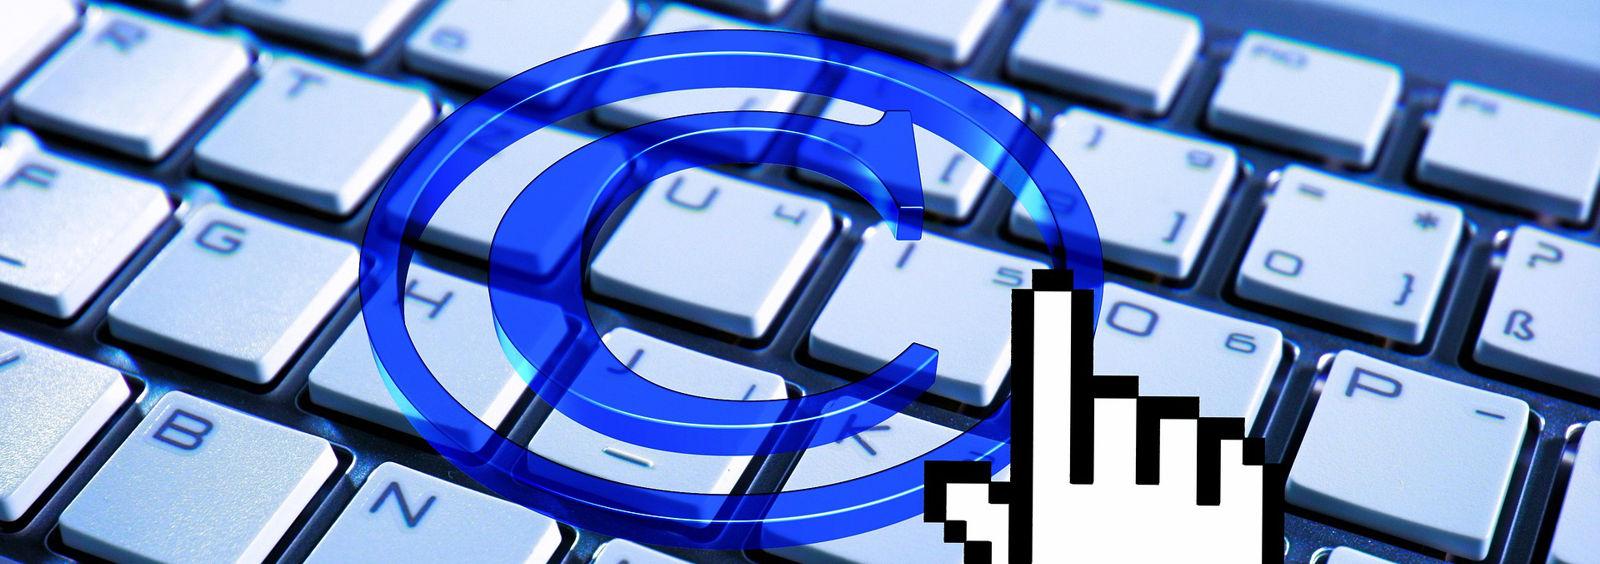 Urheberrecht - Wir vertreten Sie kompetent und Erfahren. RA Drewelow & Ziegler in Rostock